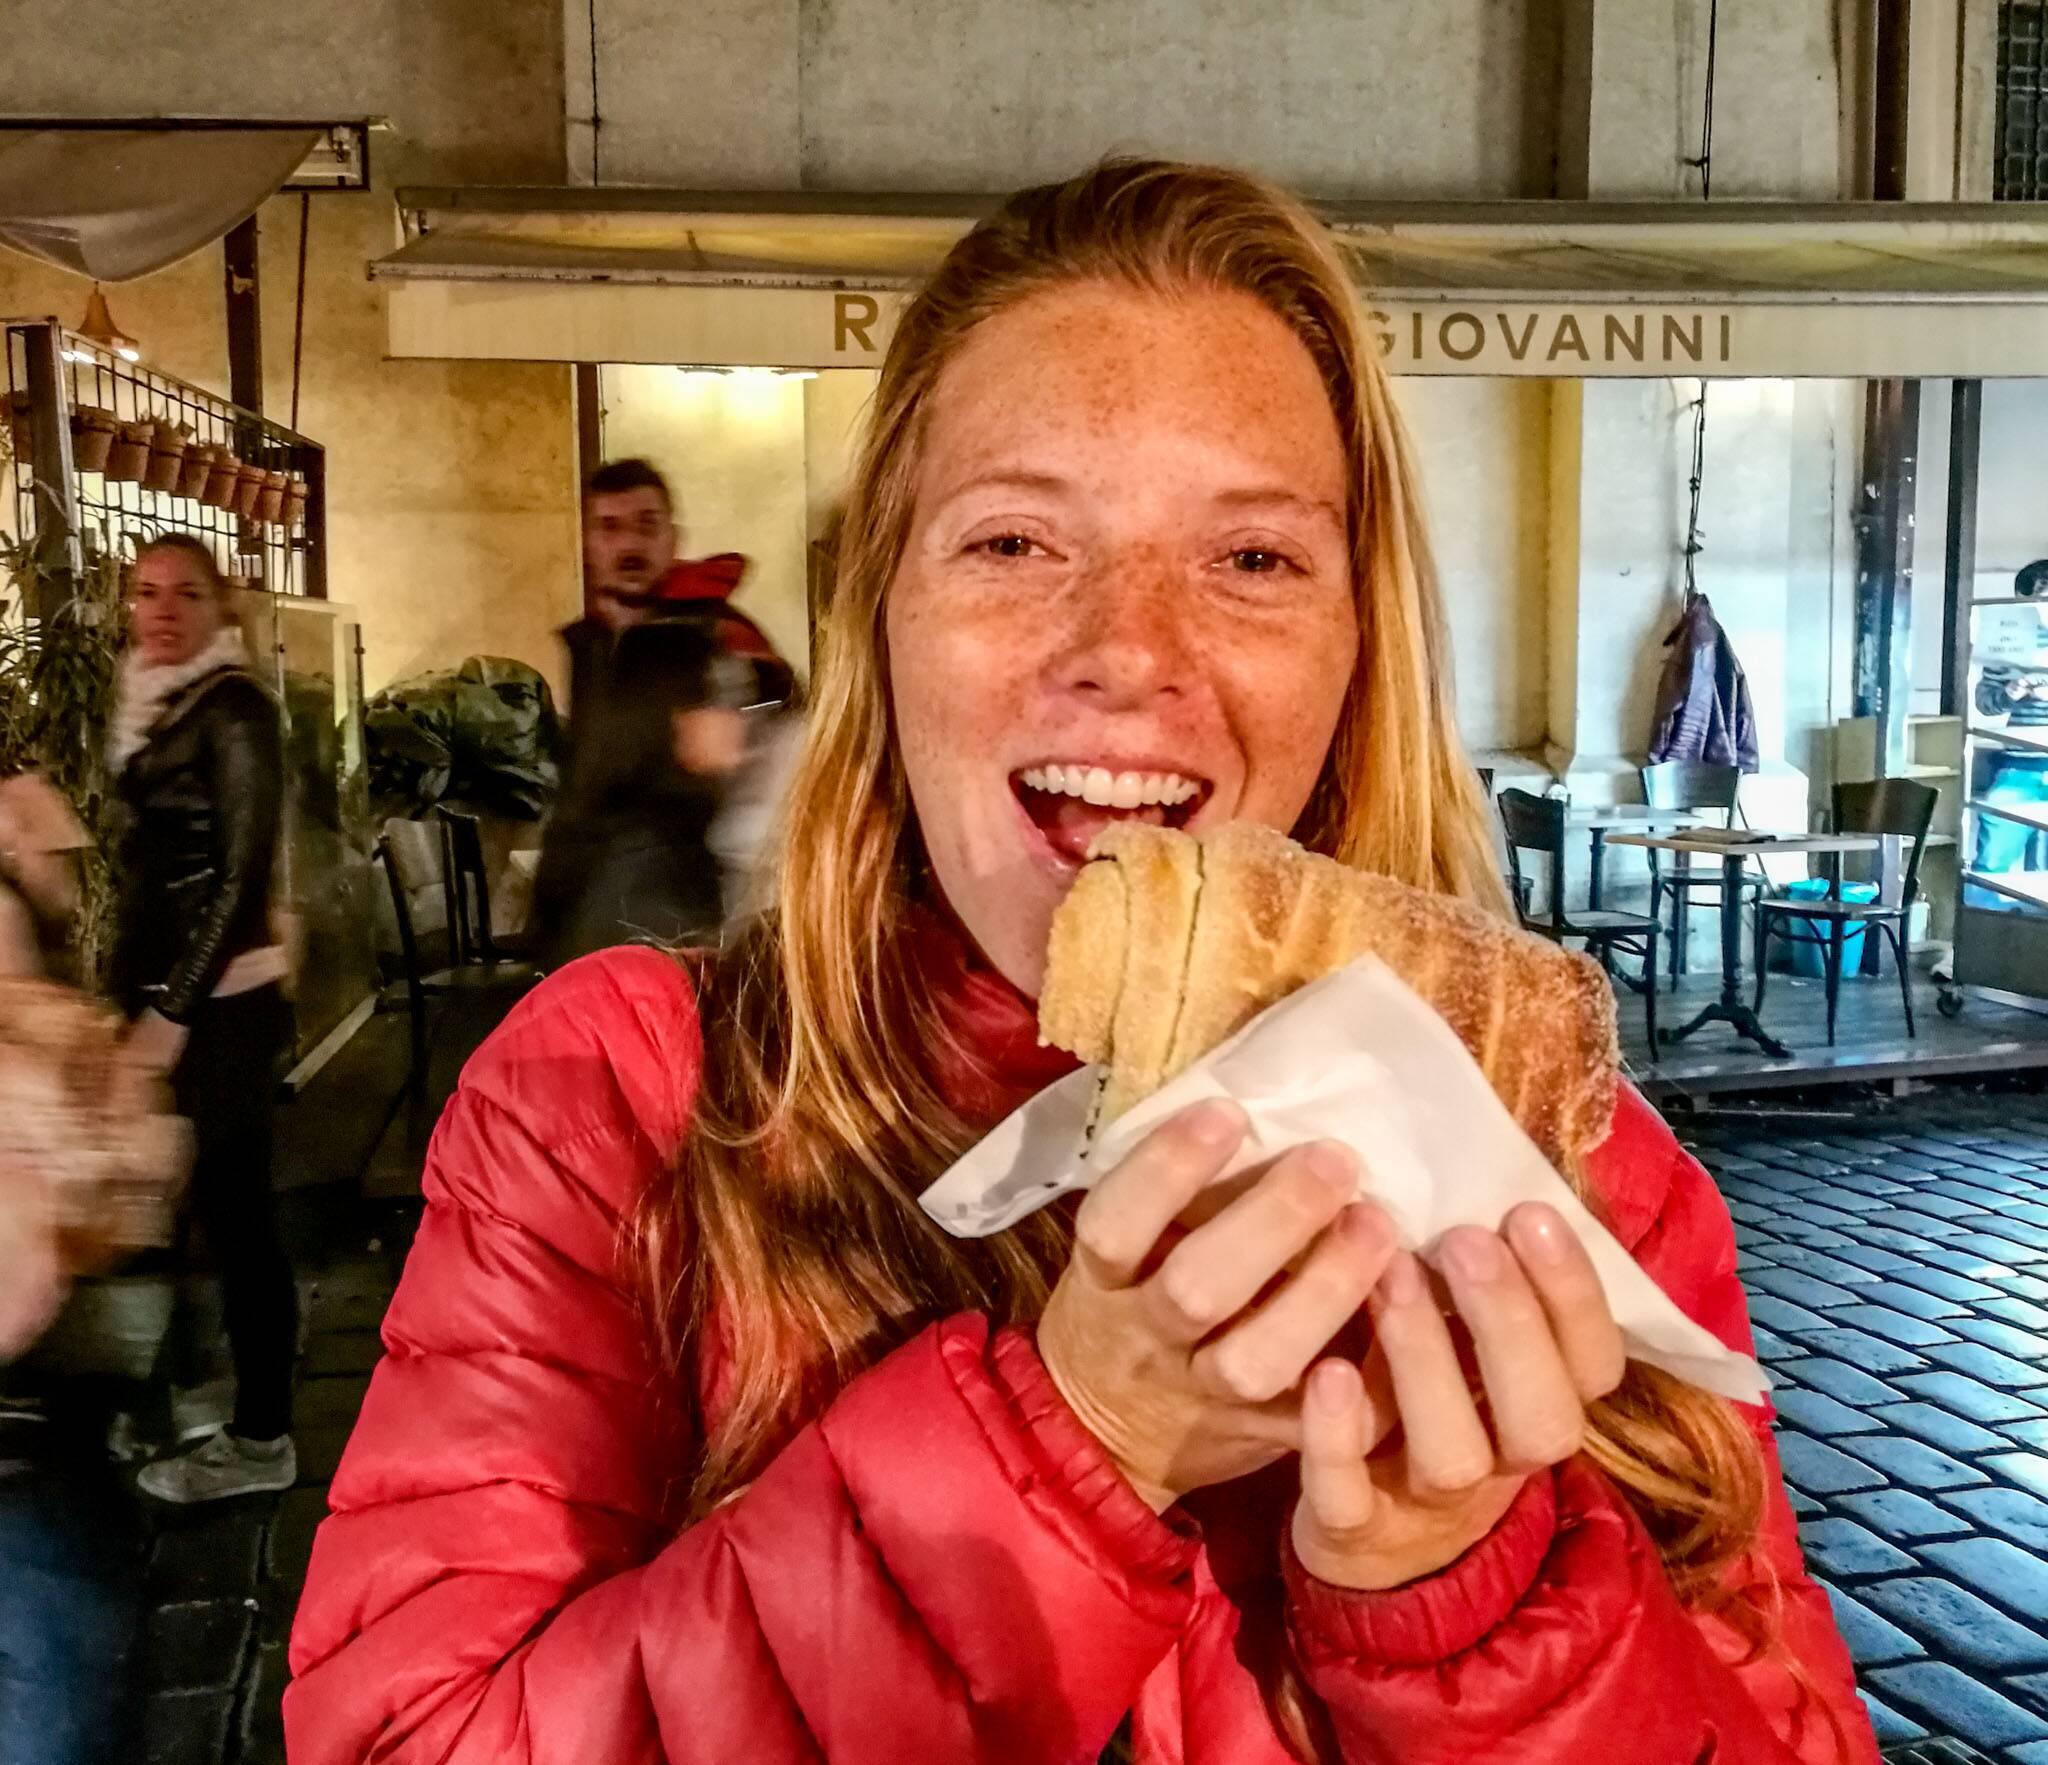 Victoria provando o chocolate roll em Praga   Foto: Bruno/@naproadavida - três dias em Praga com €50